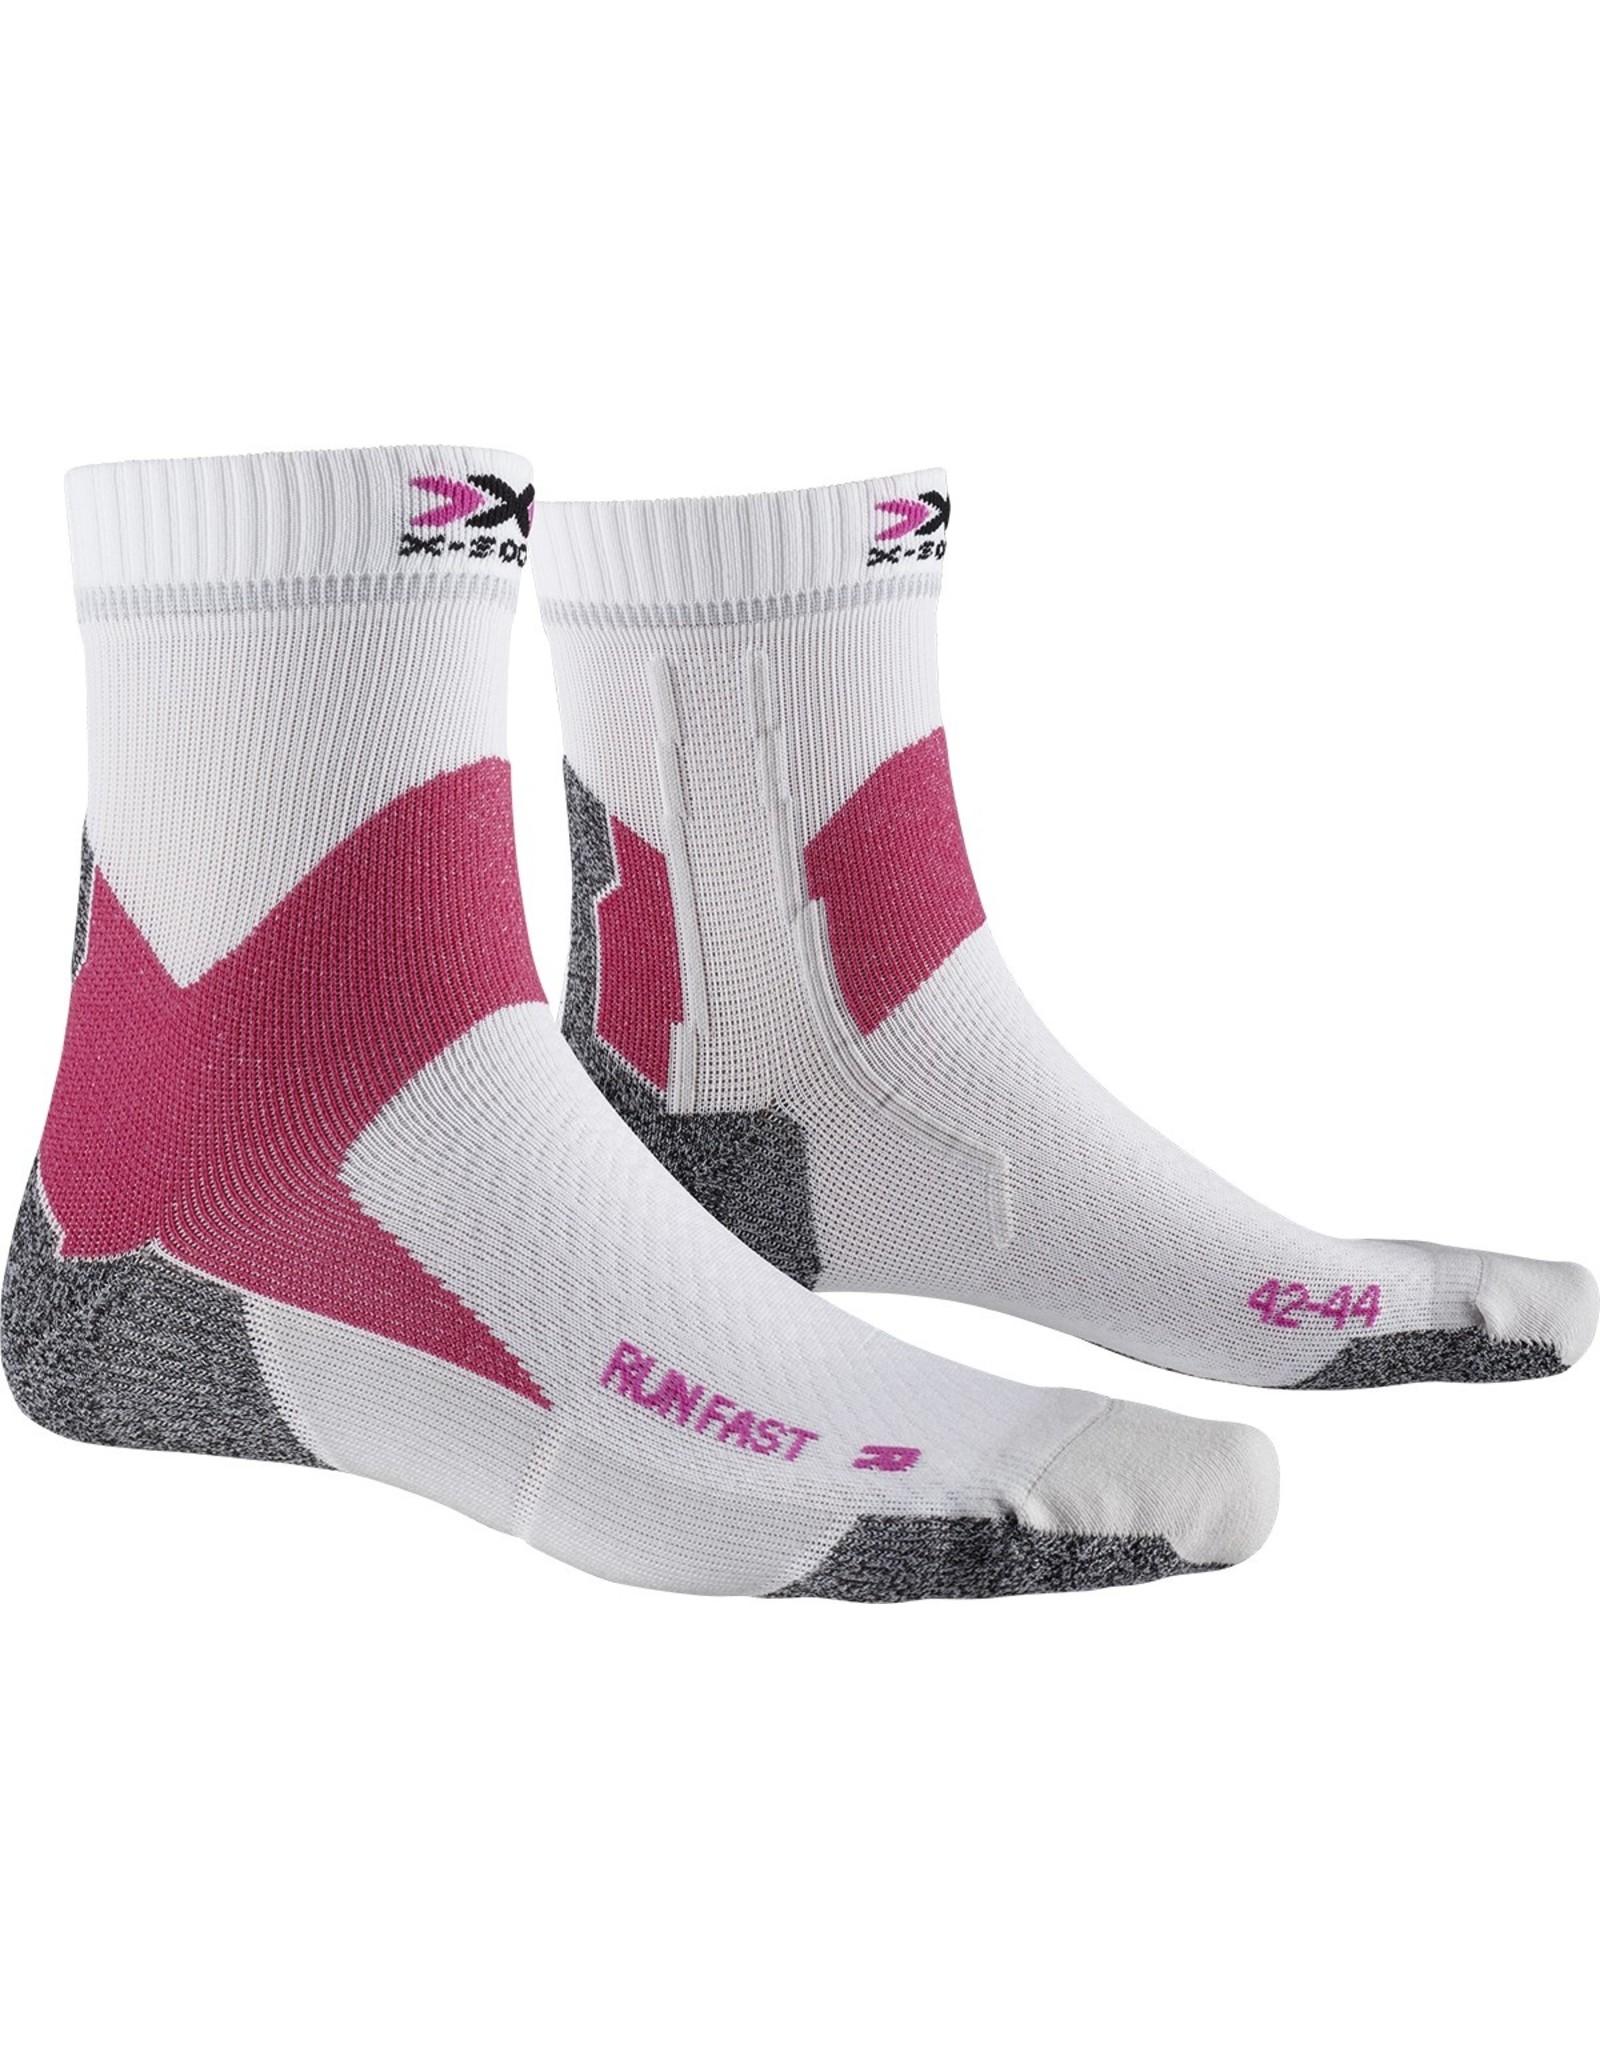 X-socks Run Fast Socks-white/pink